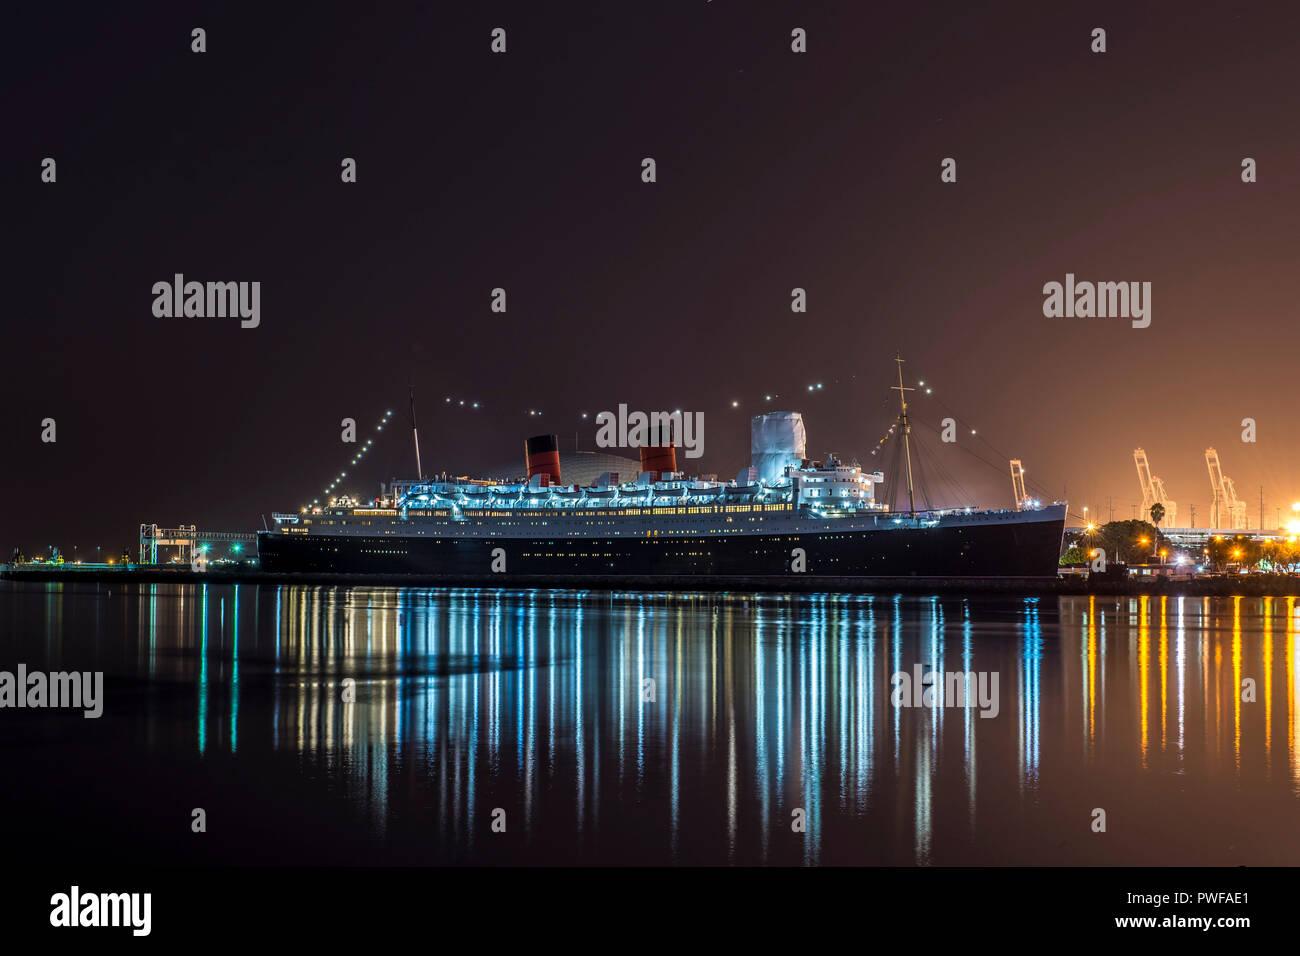 Vue de nuit sur le RMS Queen Mary à Long Beach, Californie Banque D'Images